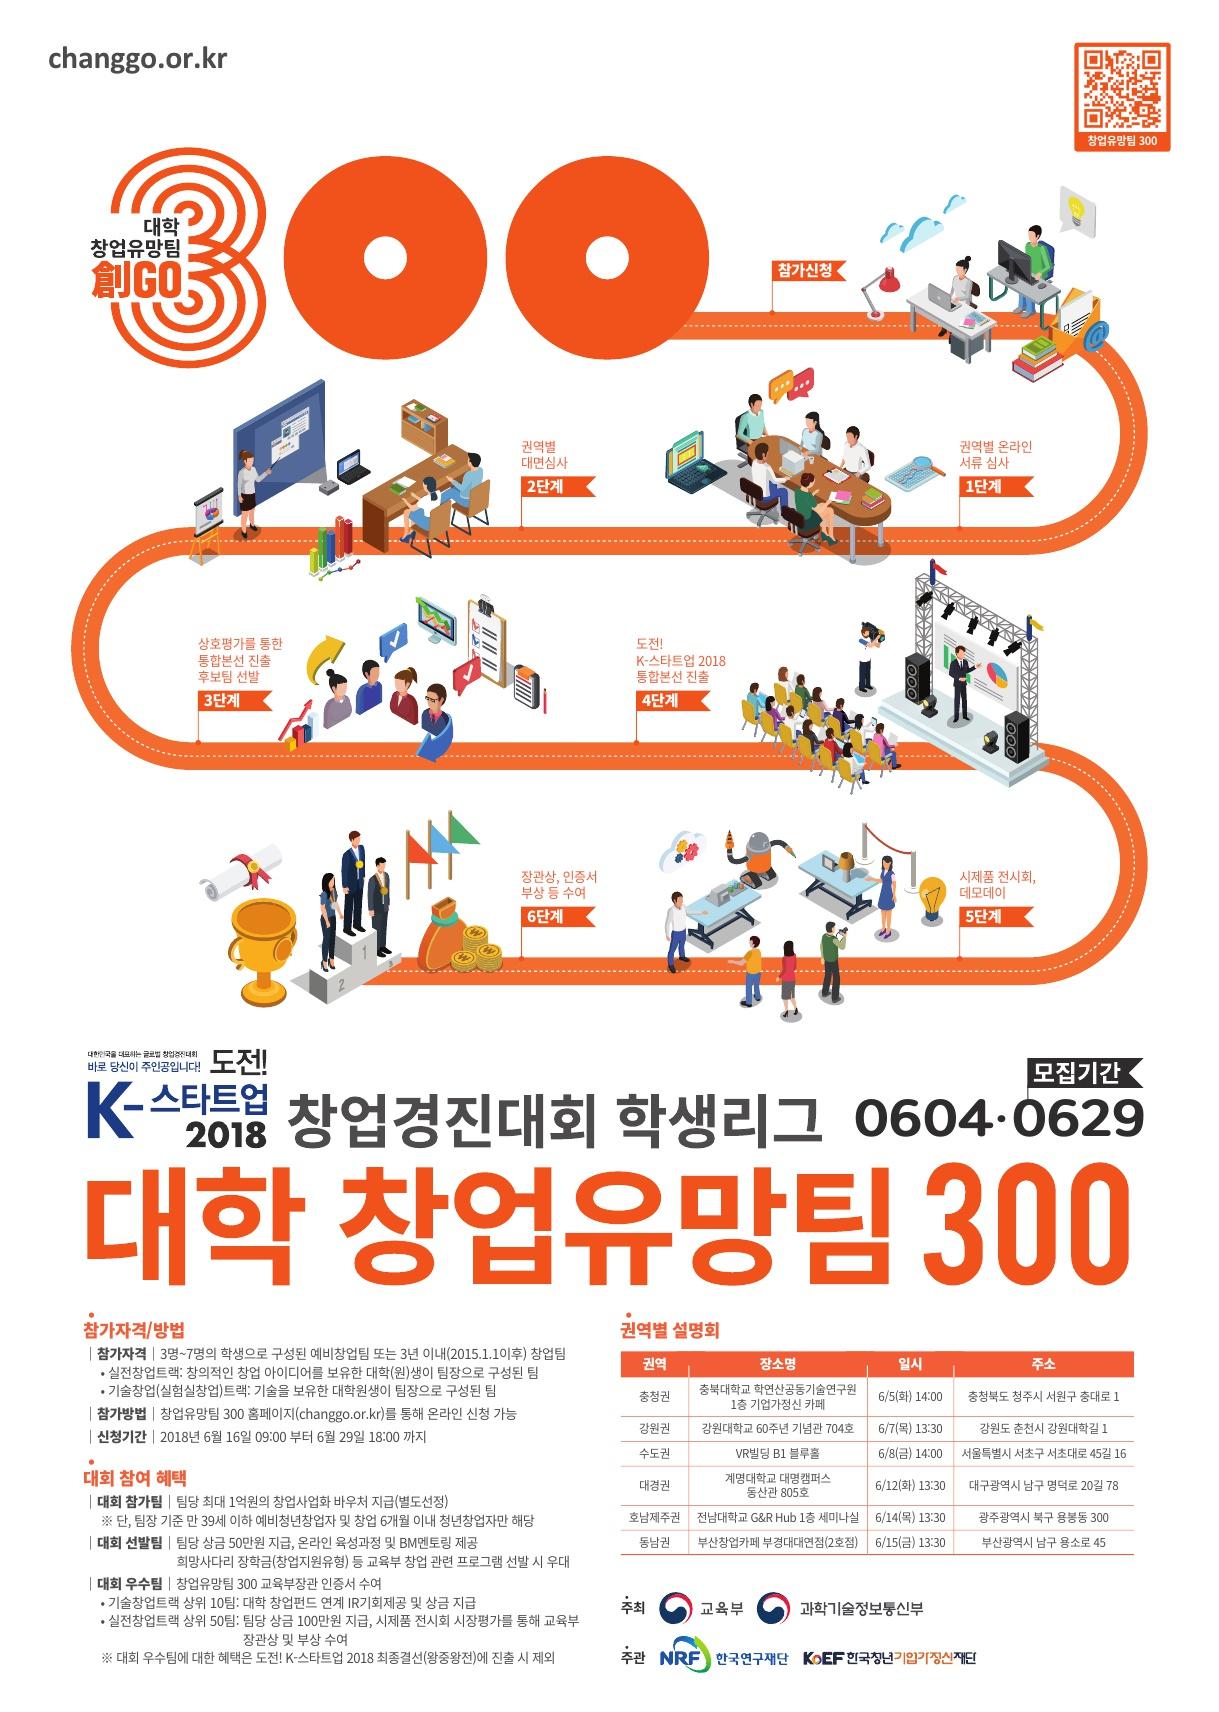 300 창업